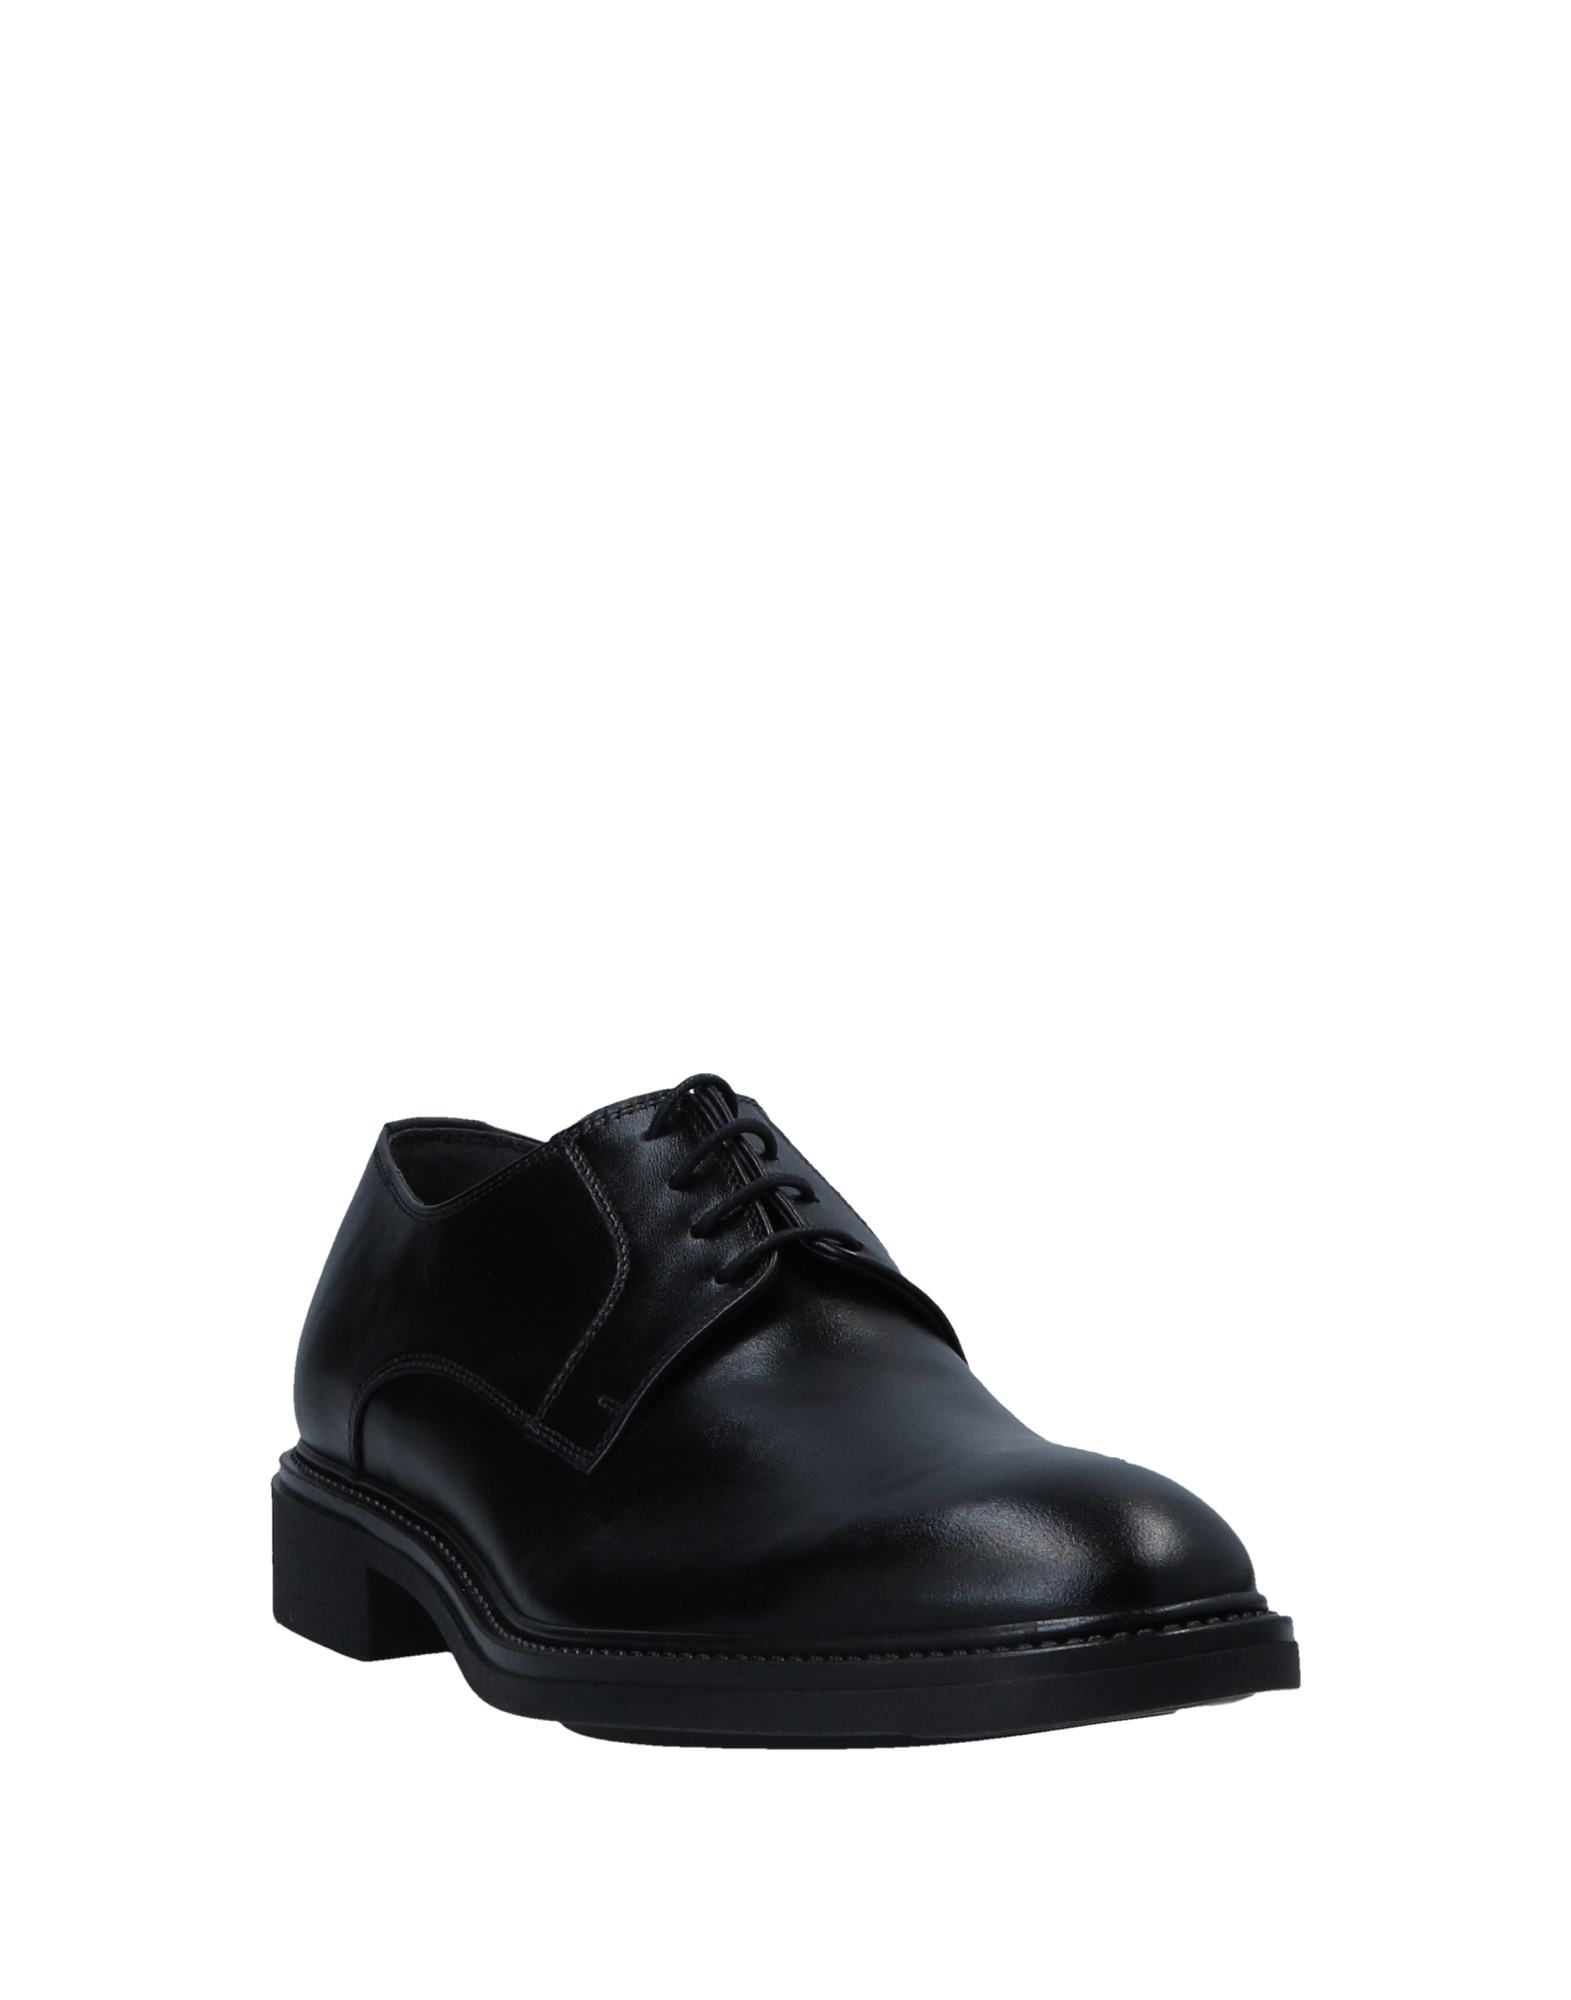 Rabatt echte Schuhe L&G Schnürschuhe Herren  11551048VU